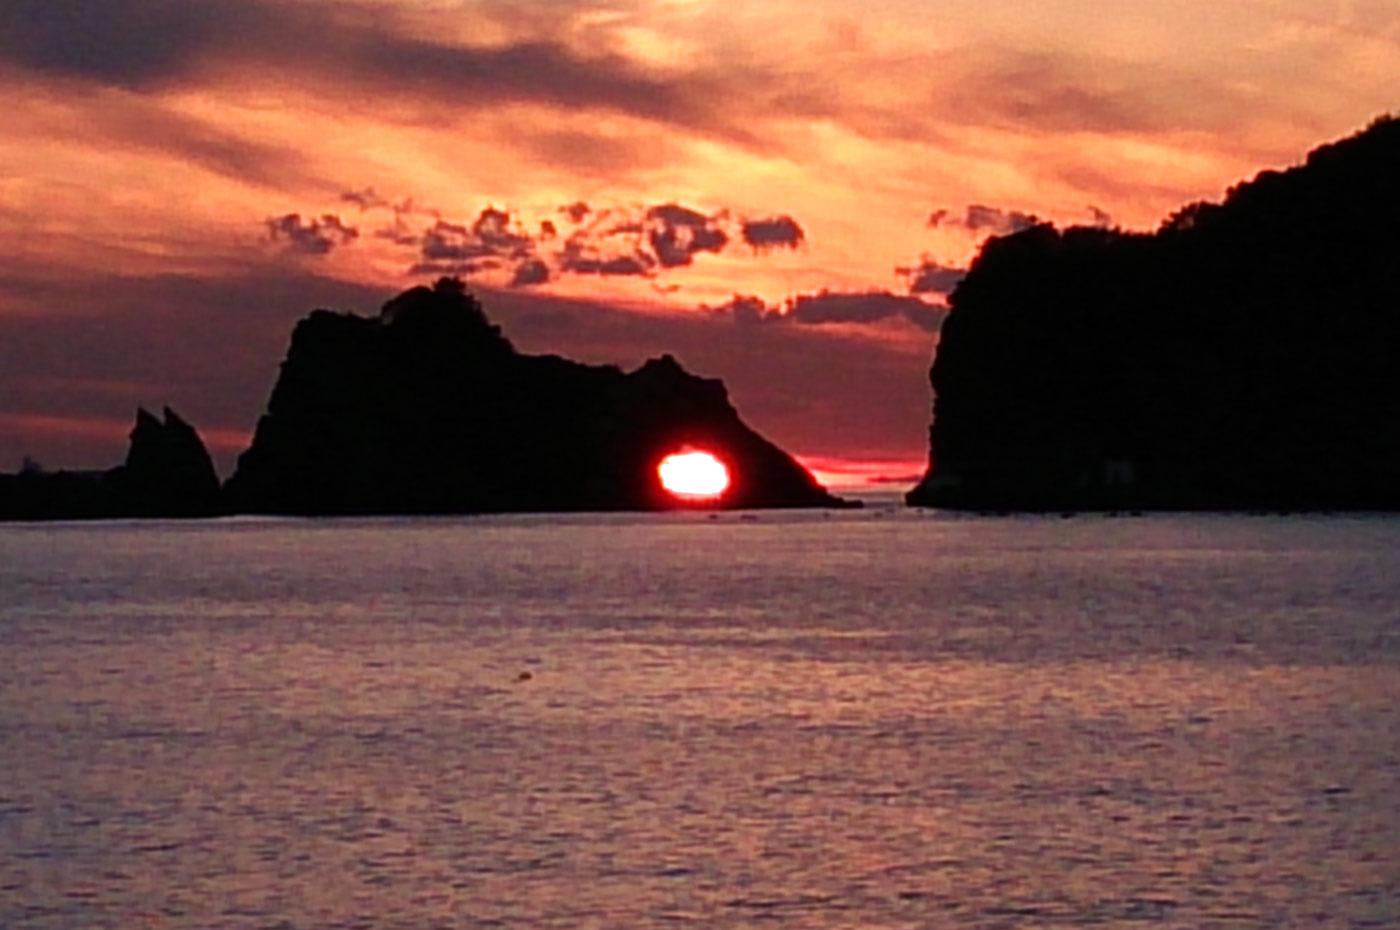 浮島の岩穴から見た夕日の画像